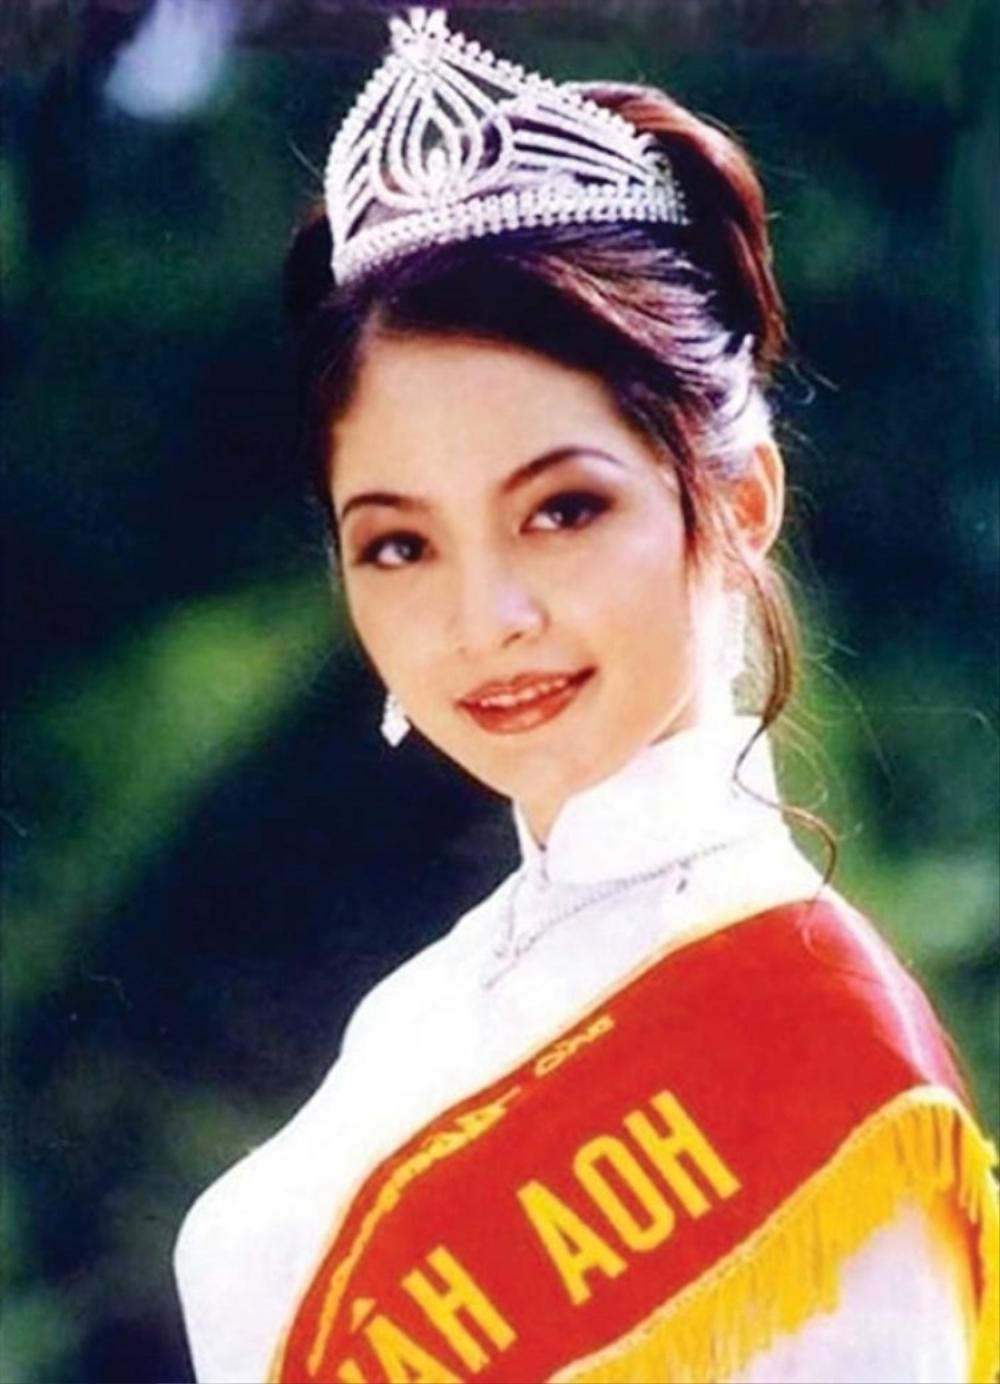 Vẻ đẹp thuần khiết của 16 cô gái thuở mới đăng quang Hoa hậu Việt Nam: Chờ đợi nhan sắc kế nhiệm Tiểu Vy Ảnh 24